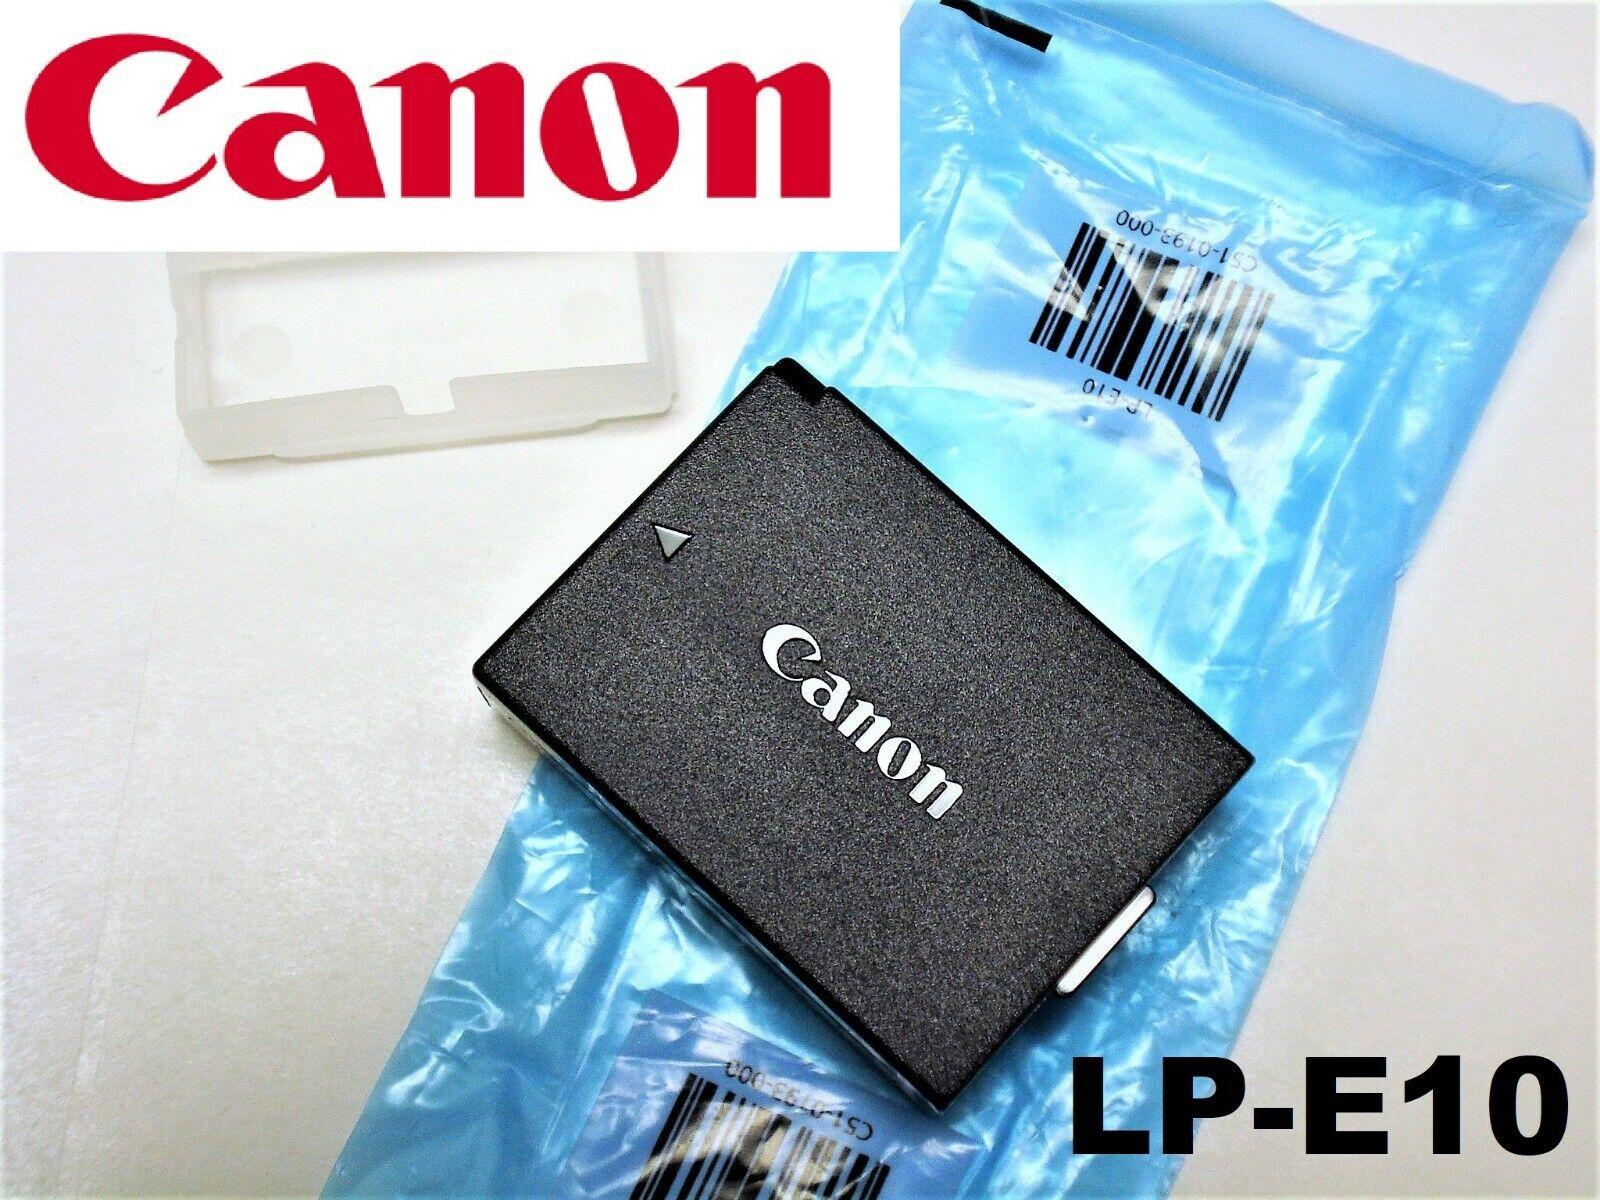 Genuine Original OEM CANON EOS Rebel T3 T5 T6 1100D 1200D